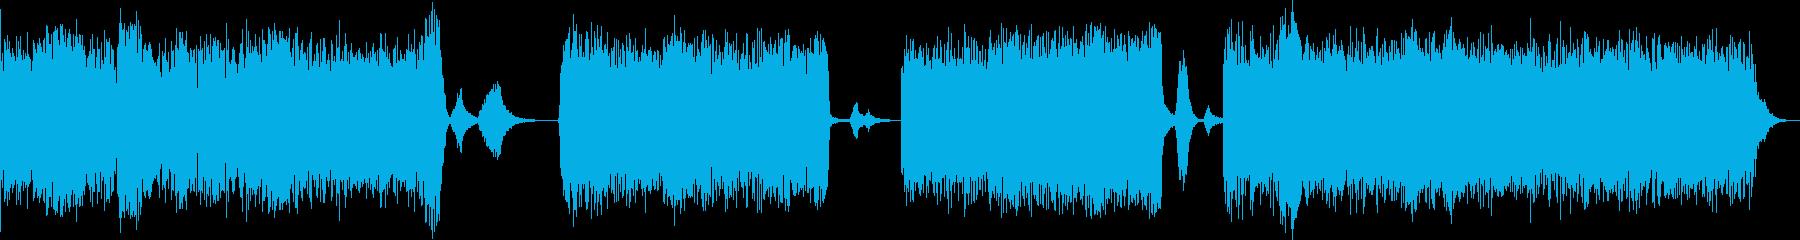 ドローン アンビエント クラブミュージ…の再生済みの波形